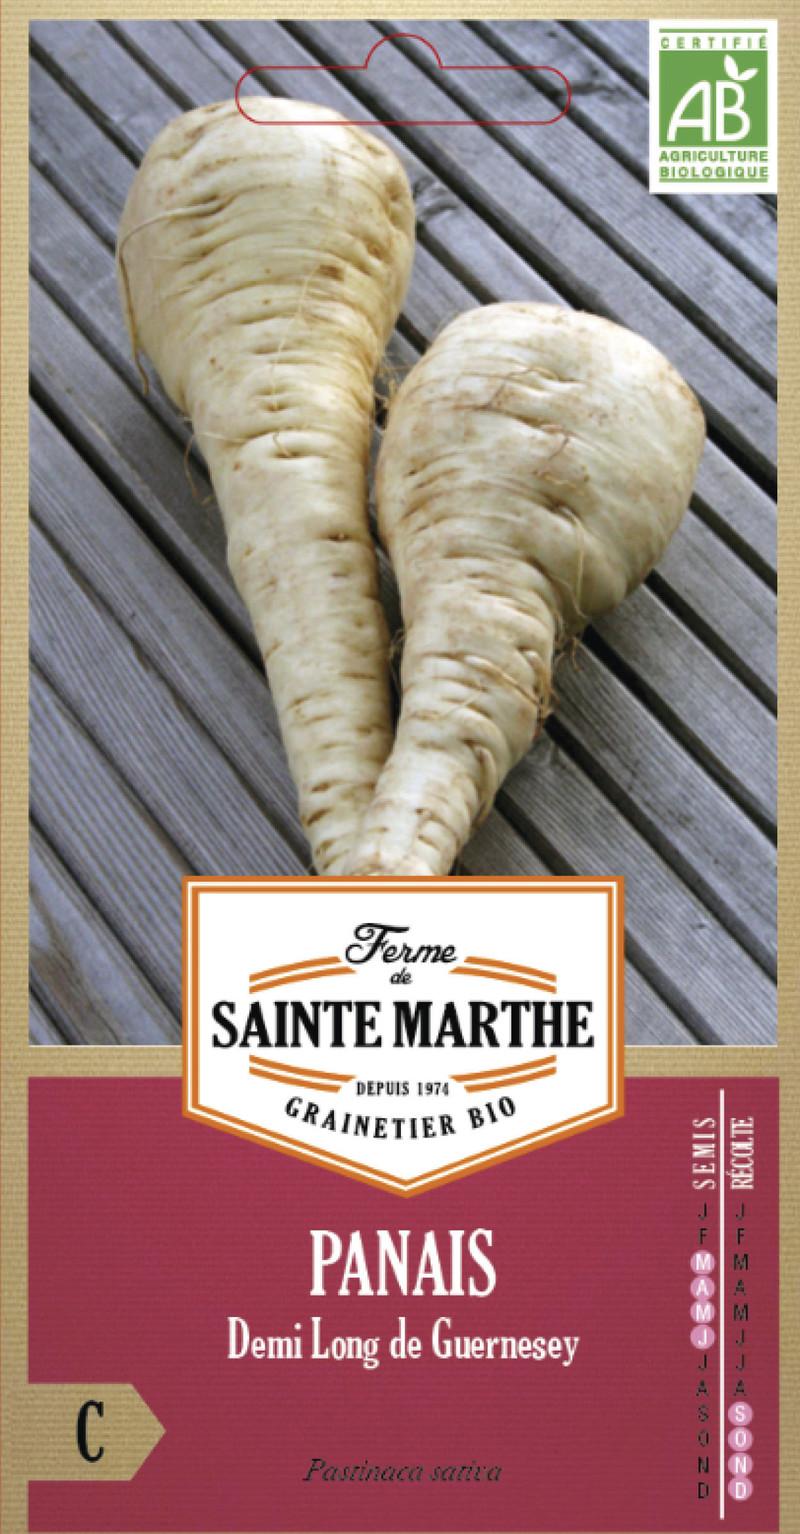 panais demi long de guernesey bio la ferme de sainte marthe graine semence potager sachet semis - Voir en grand